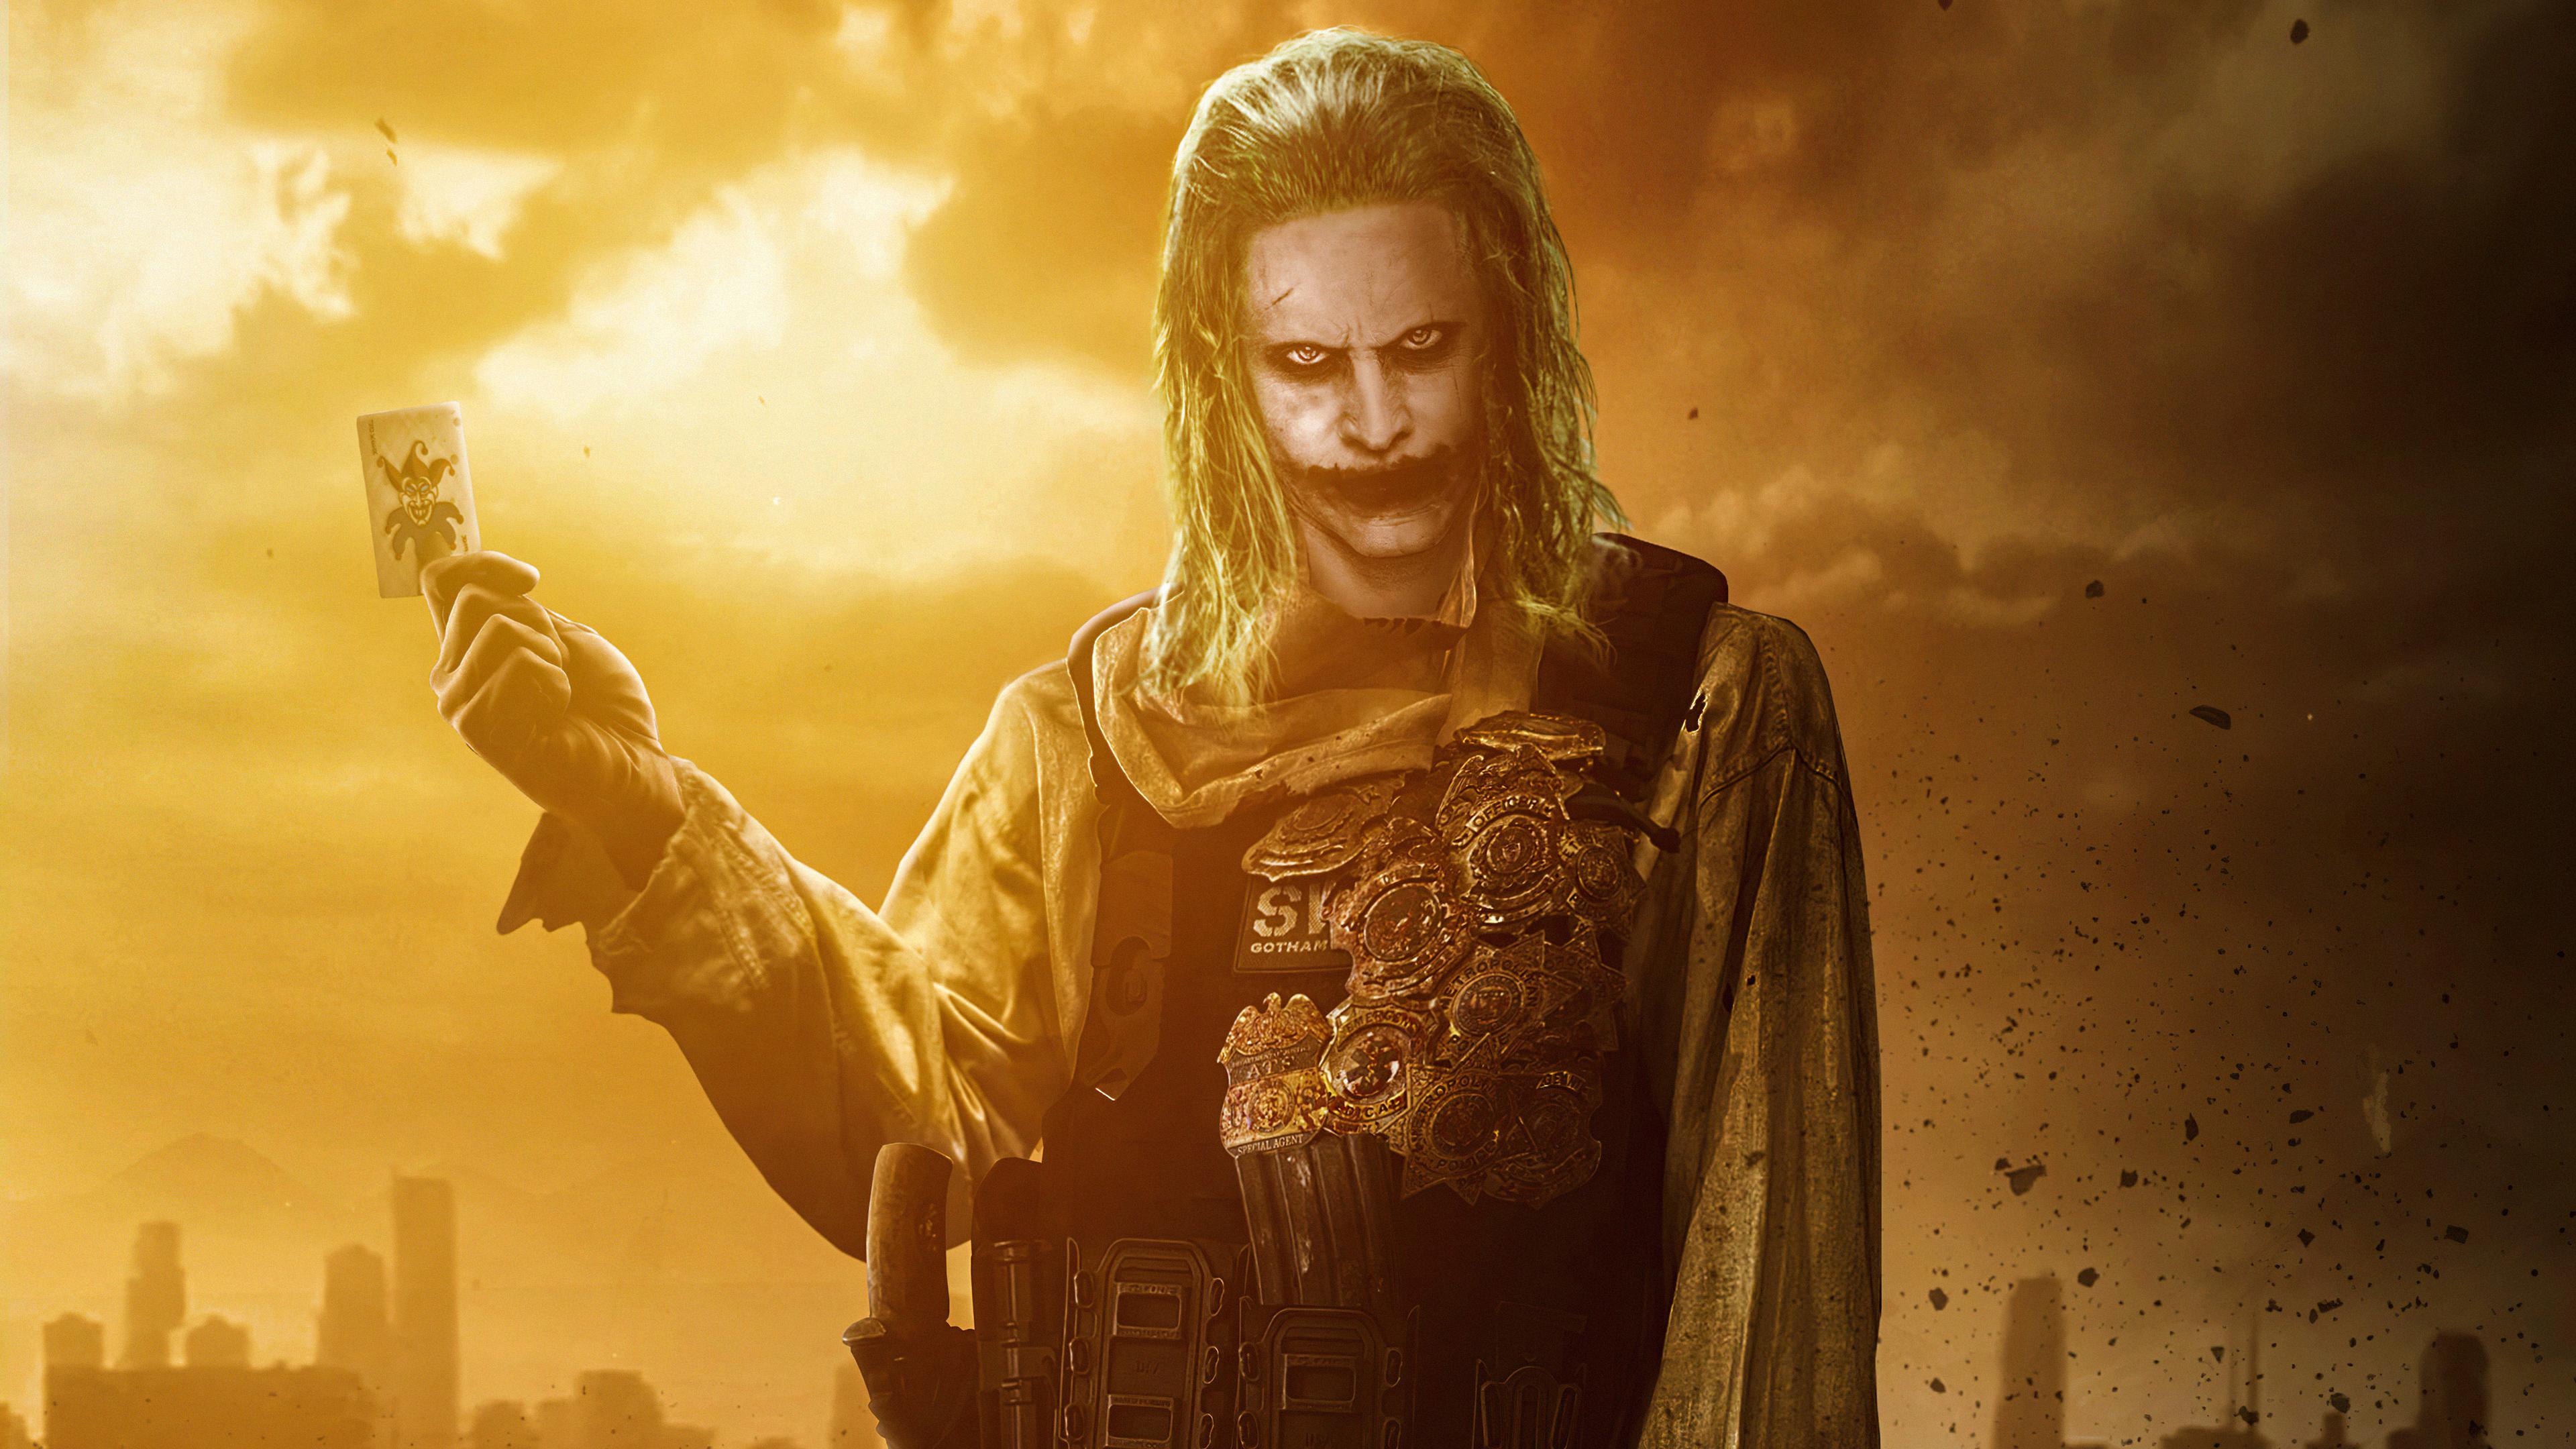 Fondos de pantalla Jared Leto como el Guasón en Liga de la justicia 2021